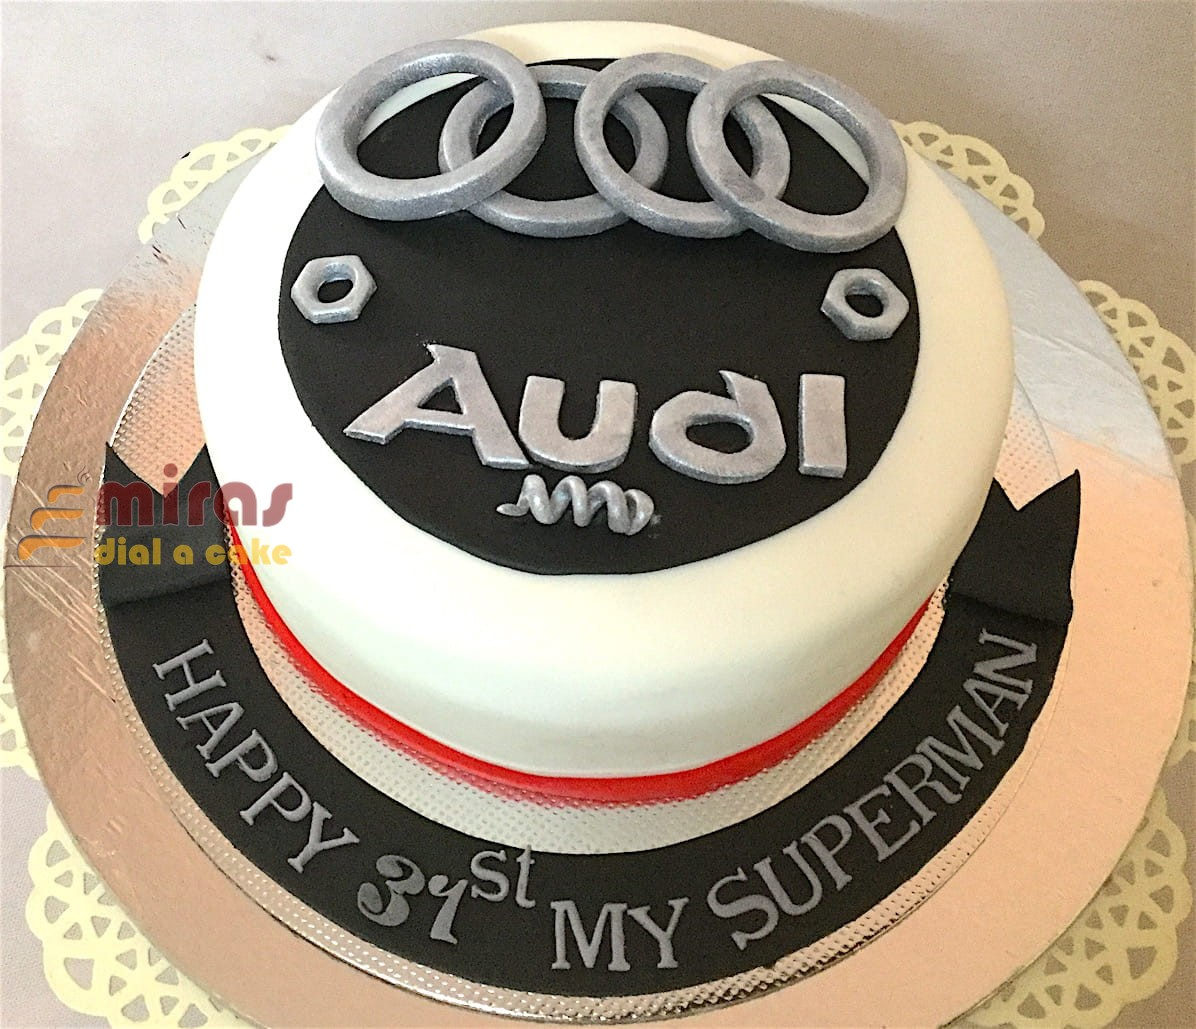 Online Audi Car Theme Custom Cakes L Bangalore Delivery L Car Cakes I Suv Cakes I Jeep Cakes I Miras